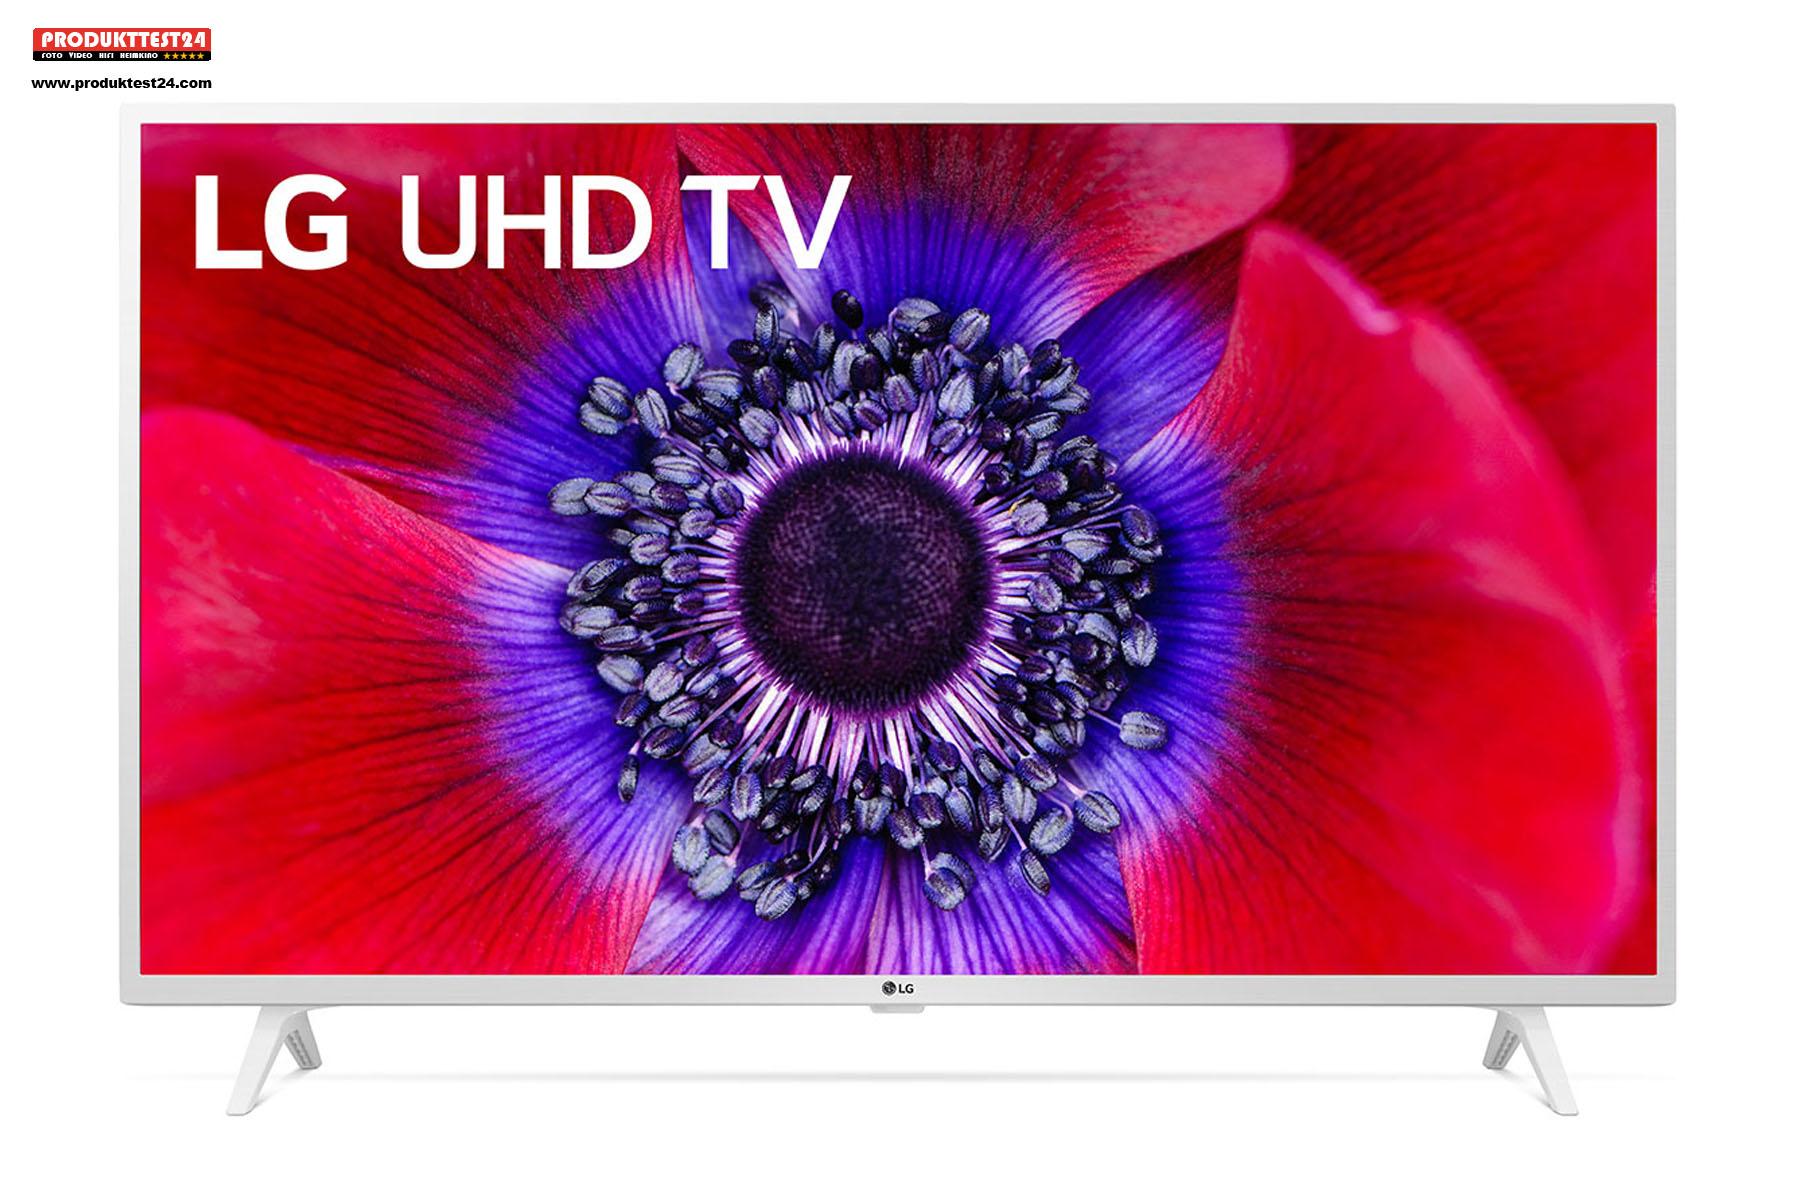 Der weiße LG 49UN73906LE UHD 4K-Fernseher